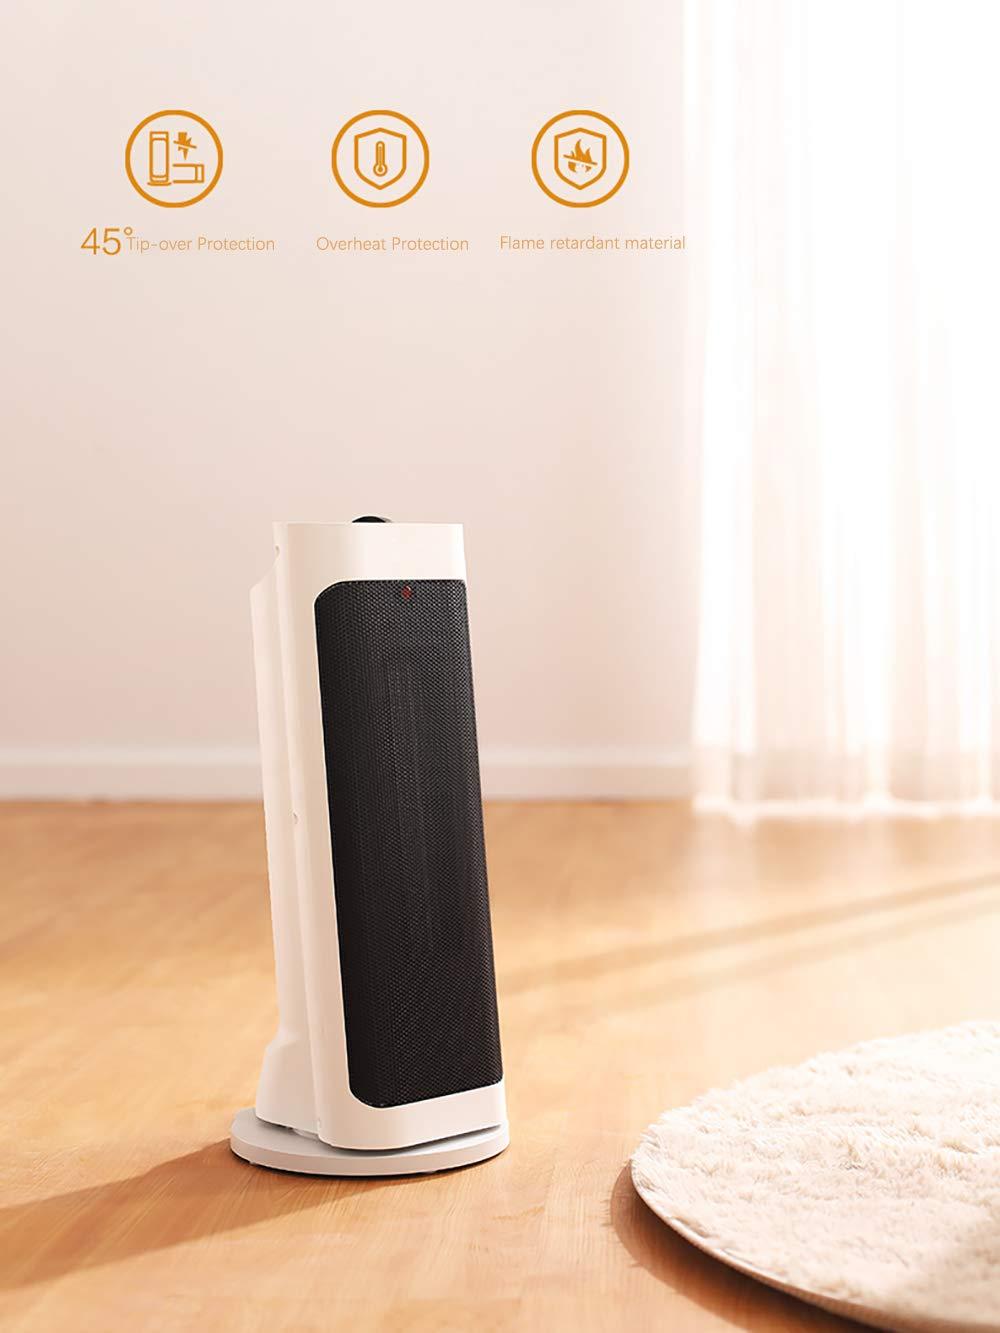 LANLAU Calentador, Ventilador De Calentador Personal Eléctrico con Oscilación Automática, Viento Cálido/Frío para… 4